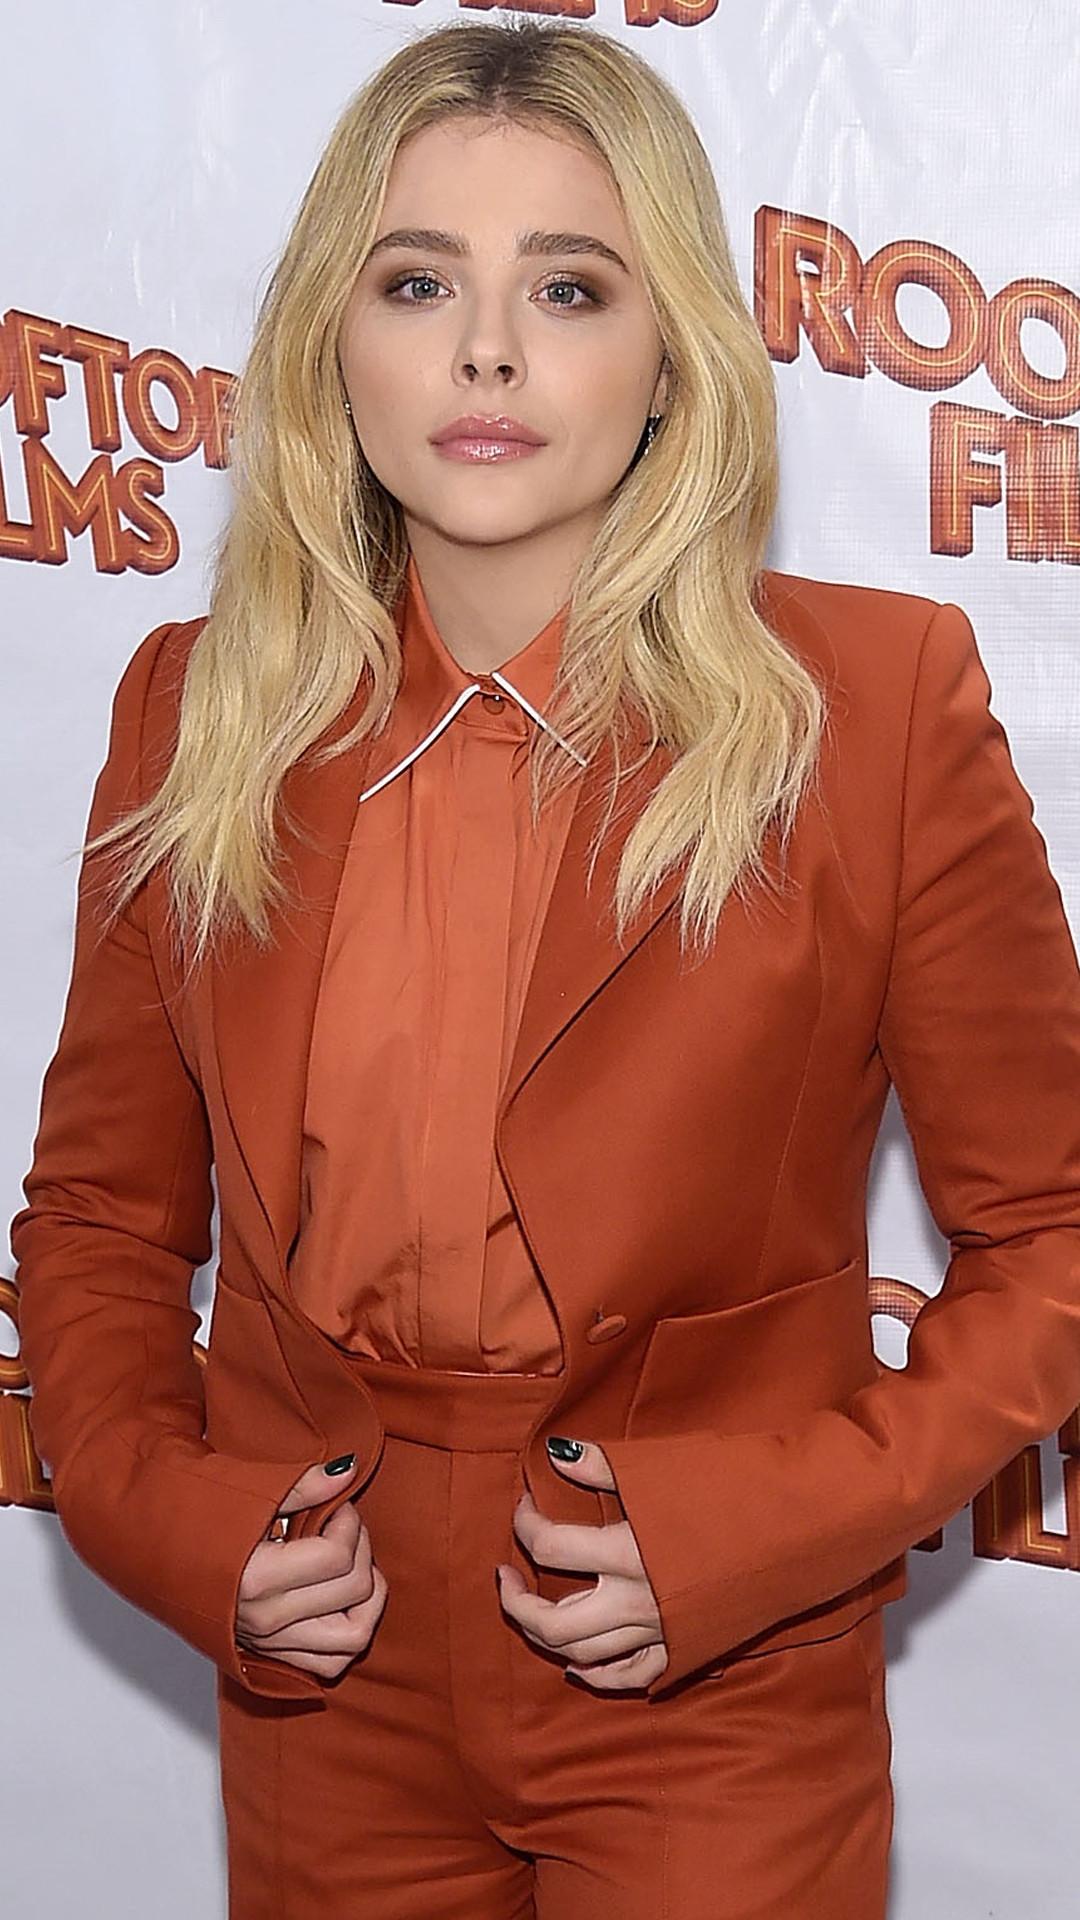 Chloe Grace Moretz, The Miseducation of Cameron Post Premiere